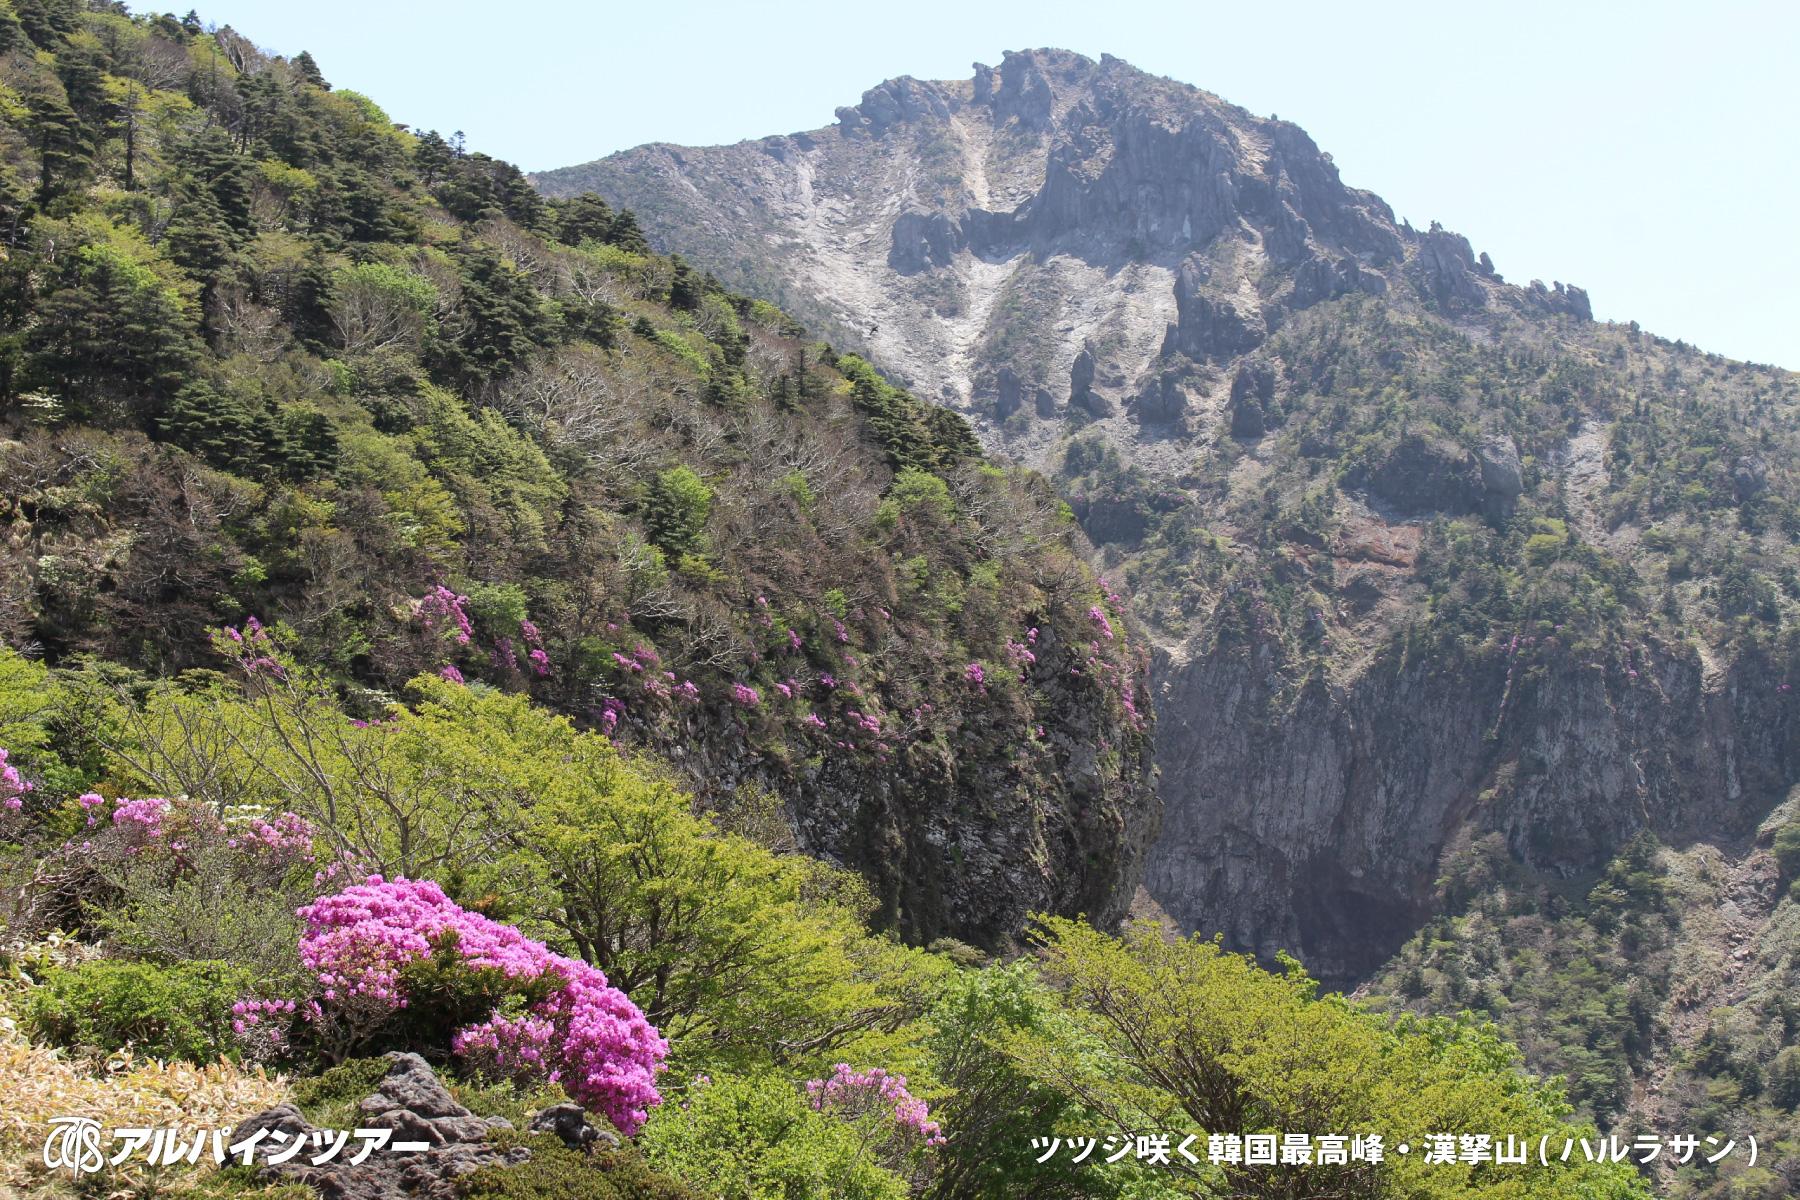 【エリア紹介】 韓国最高峰・漢拏山(ハルラサン)